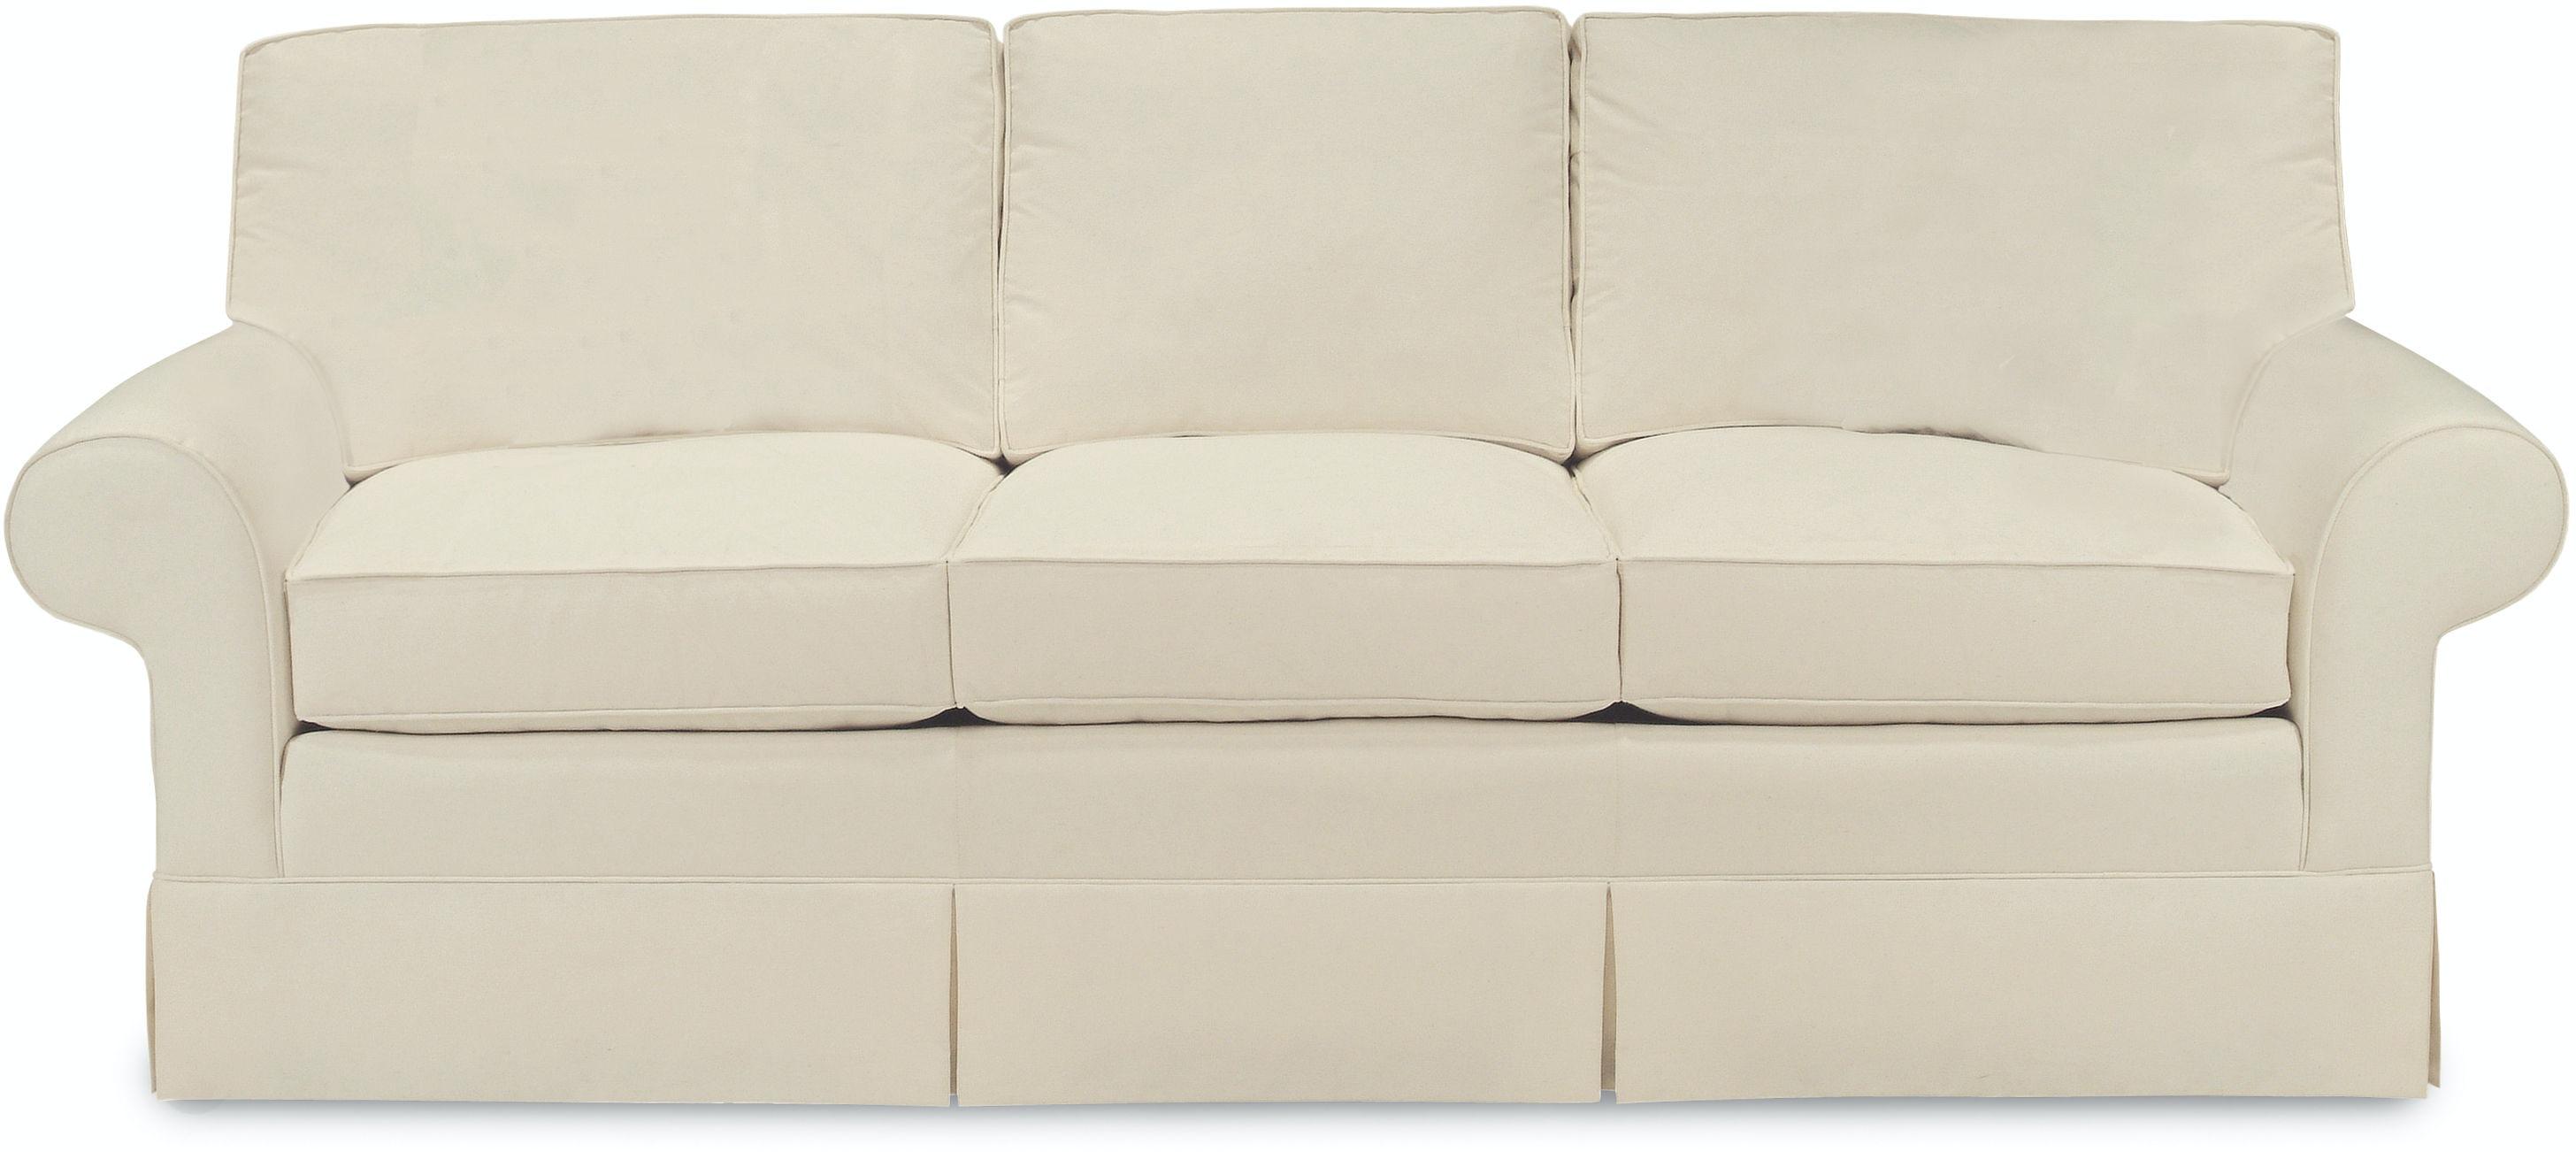 Kravet Smart Harvard Three Seat Sofa S821D S Kravet New York NY